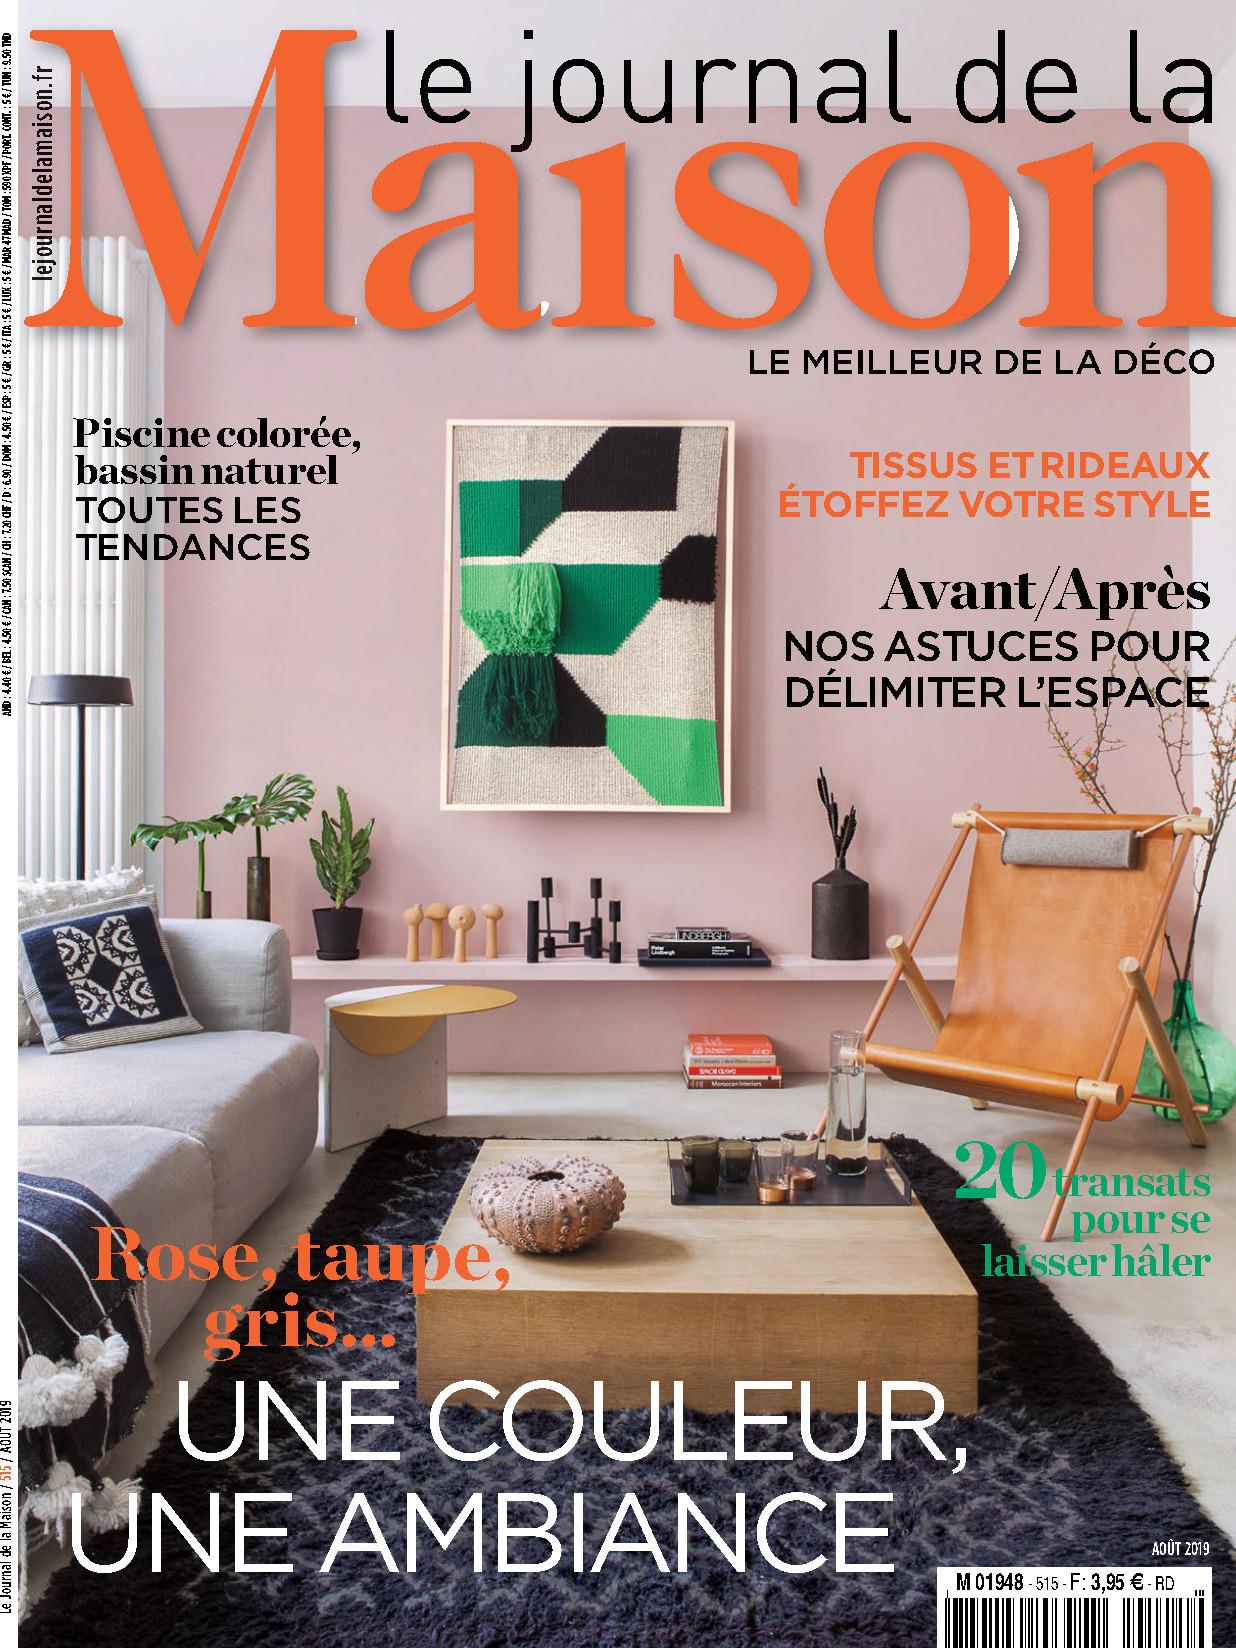 《Le Journal de la Maison》法国版室内装饰设计杂志2019年08月号